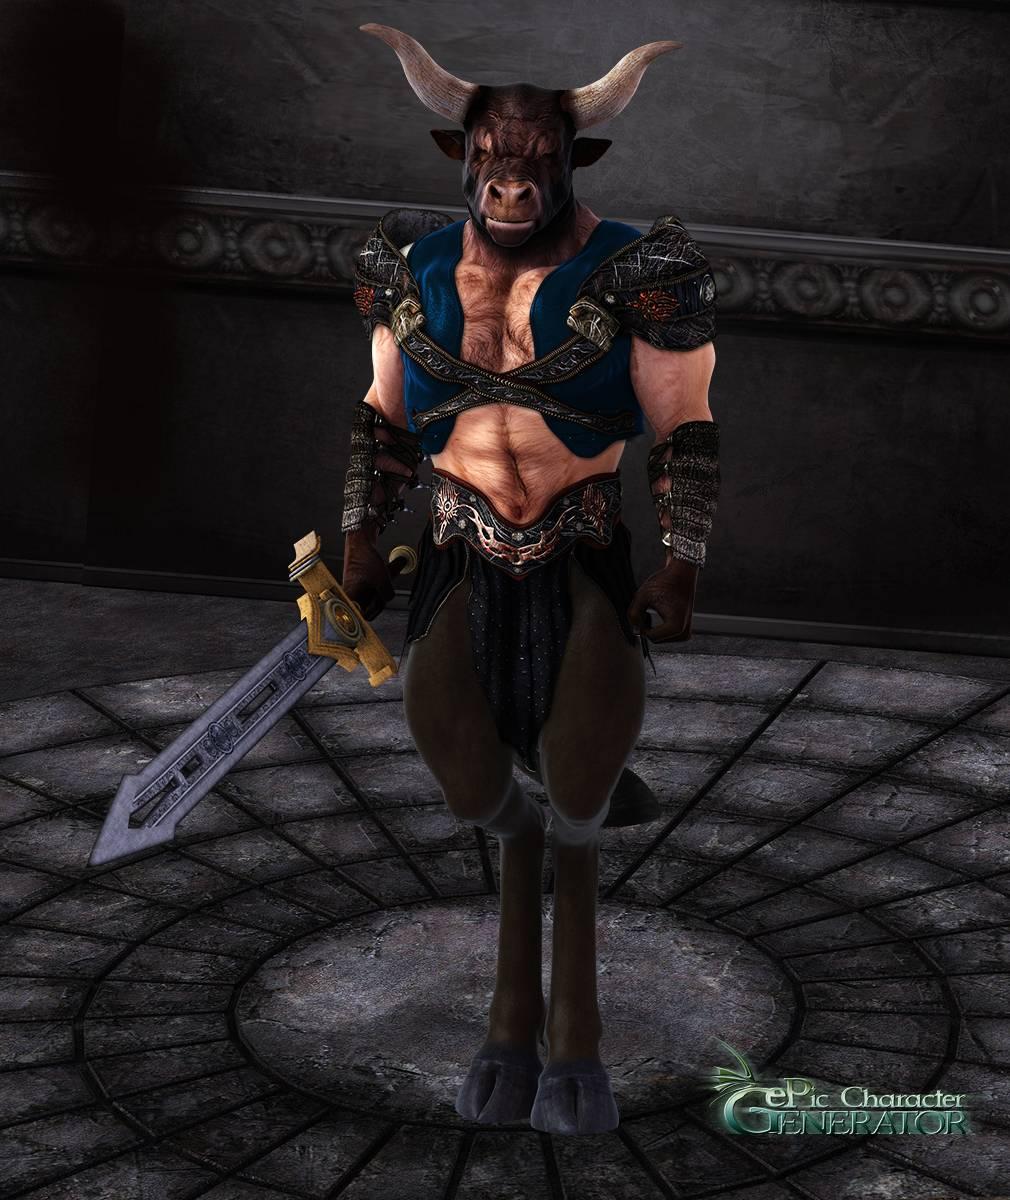 ePic Character Generator Season 2 Muscular Supernatural Screenshot 06